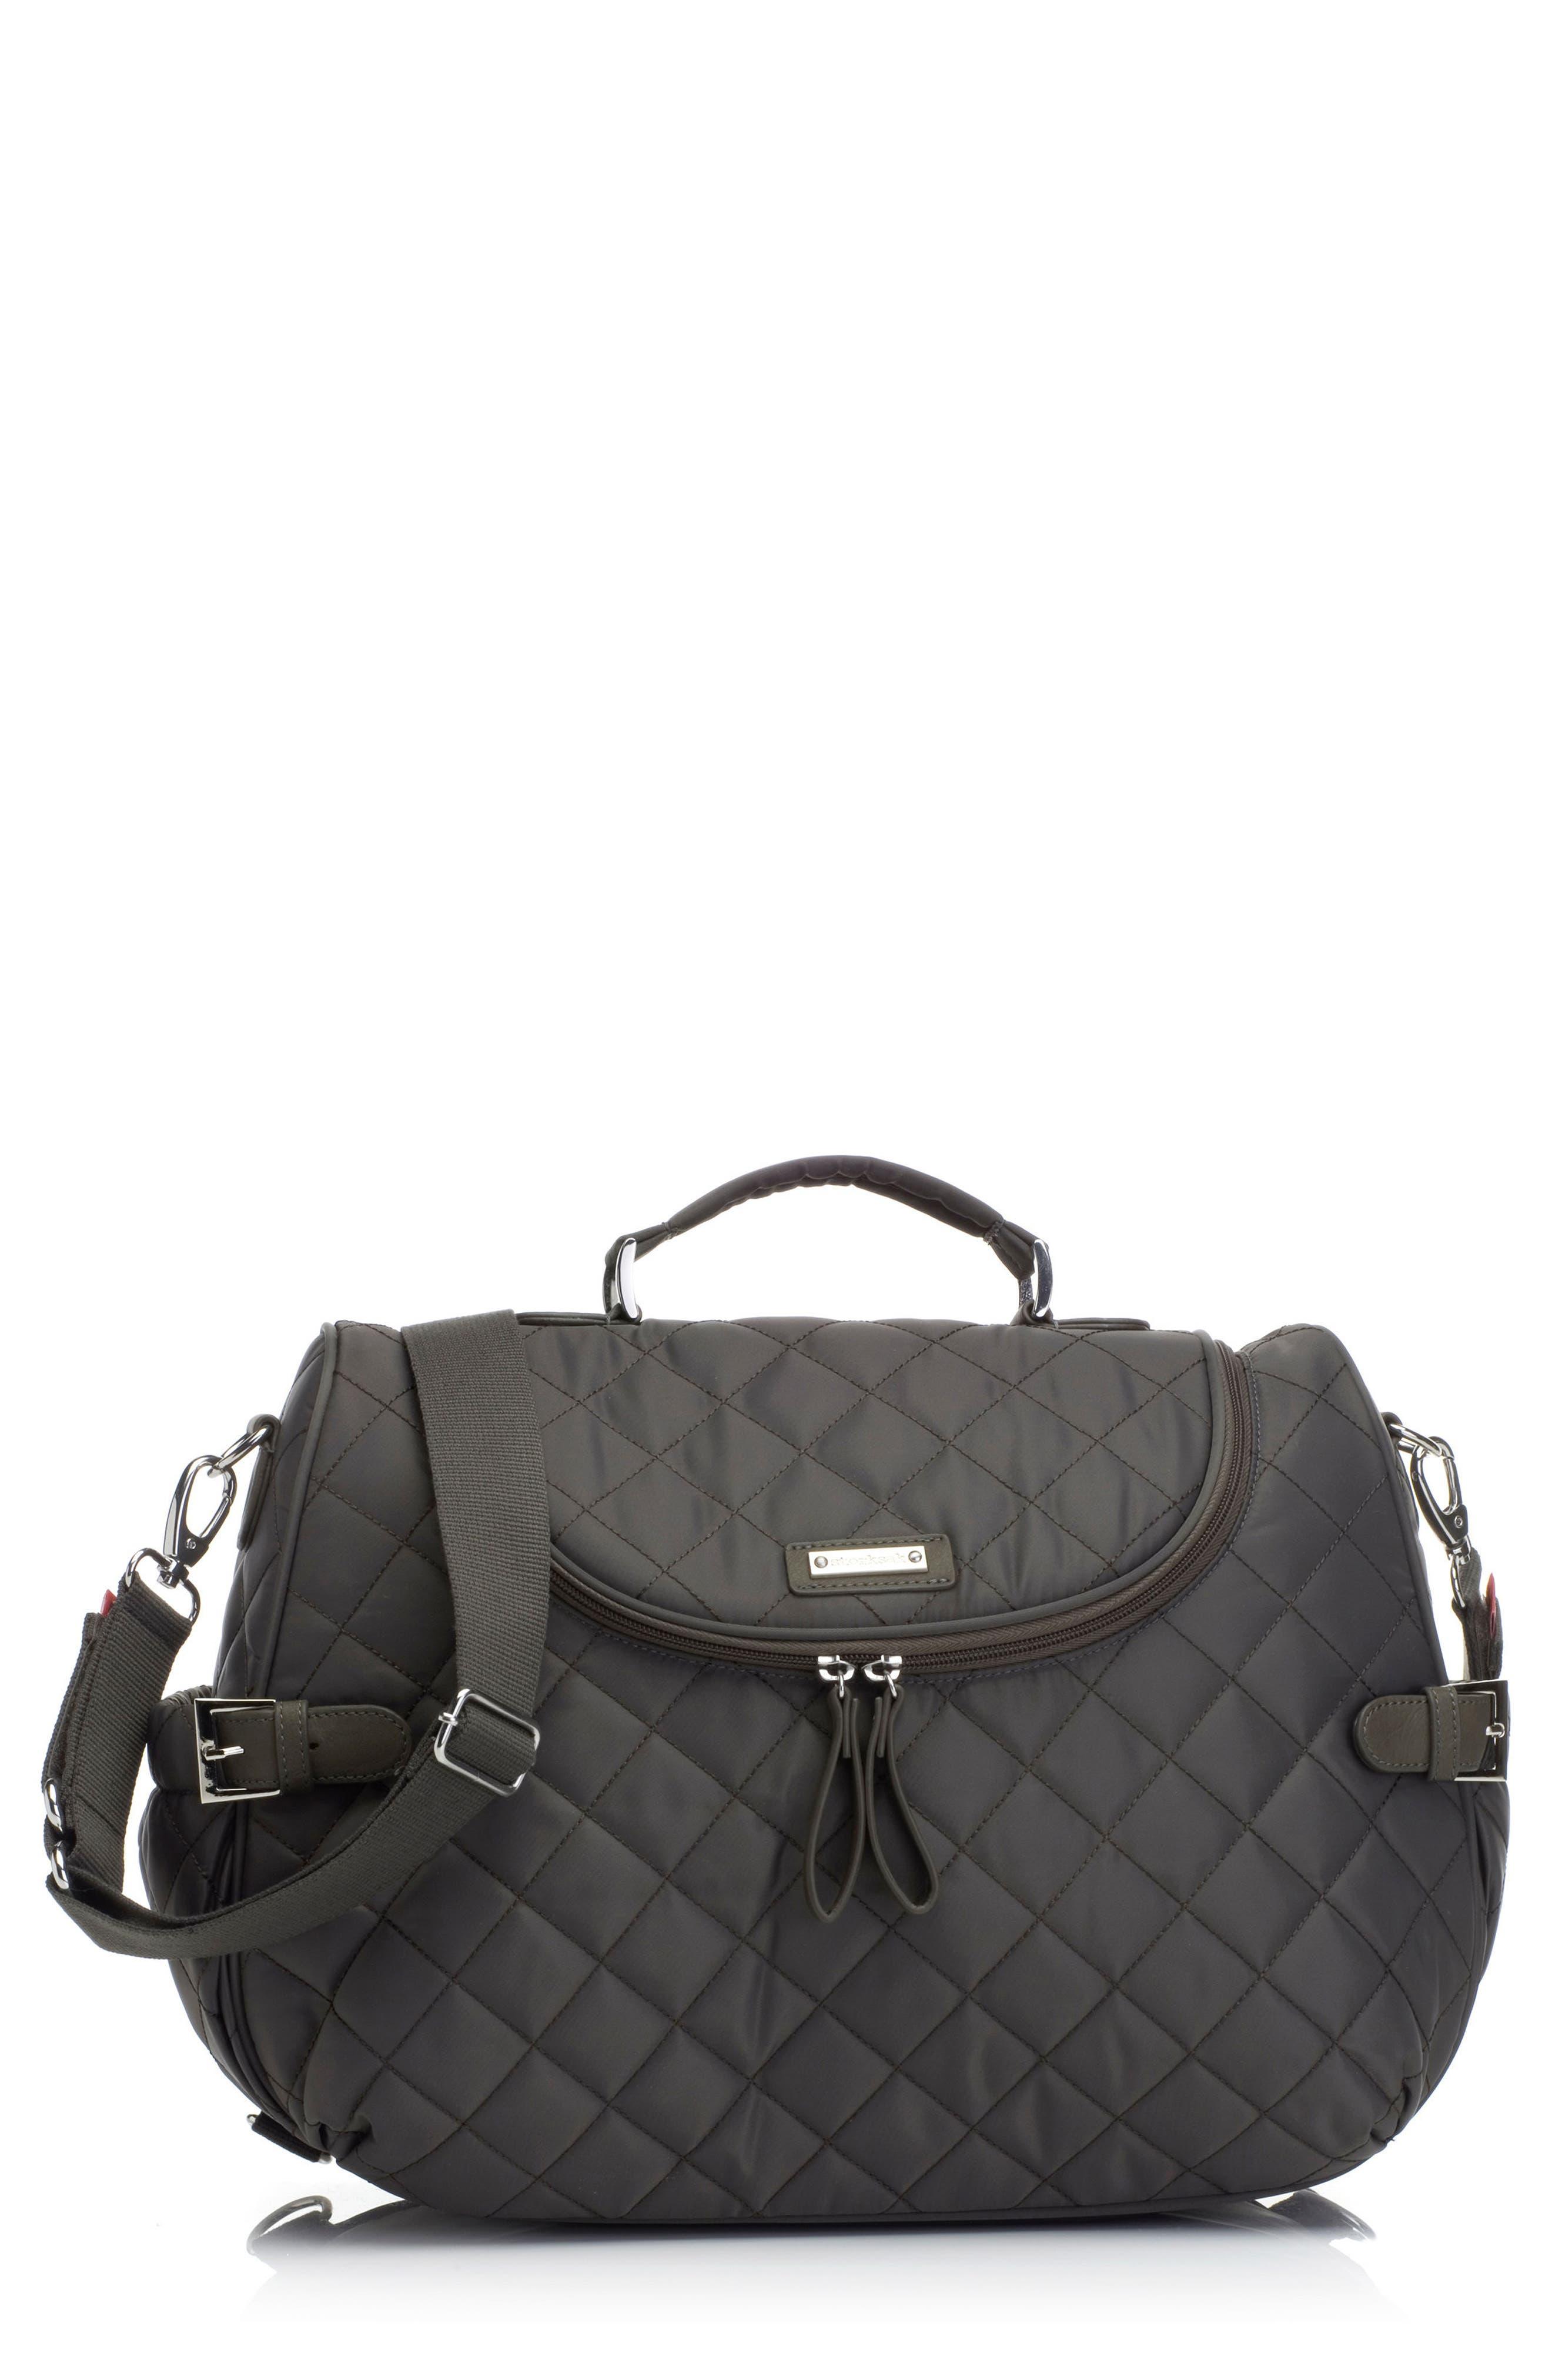 Alternate Image 1 Selected - Storksak Poppy Convertible Diaper Bag